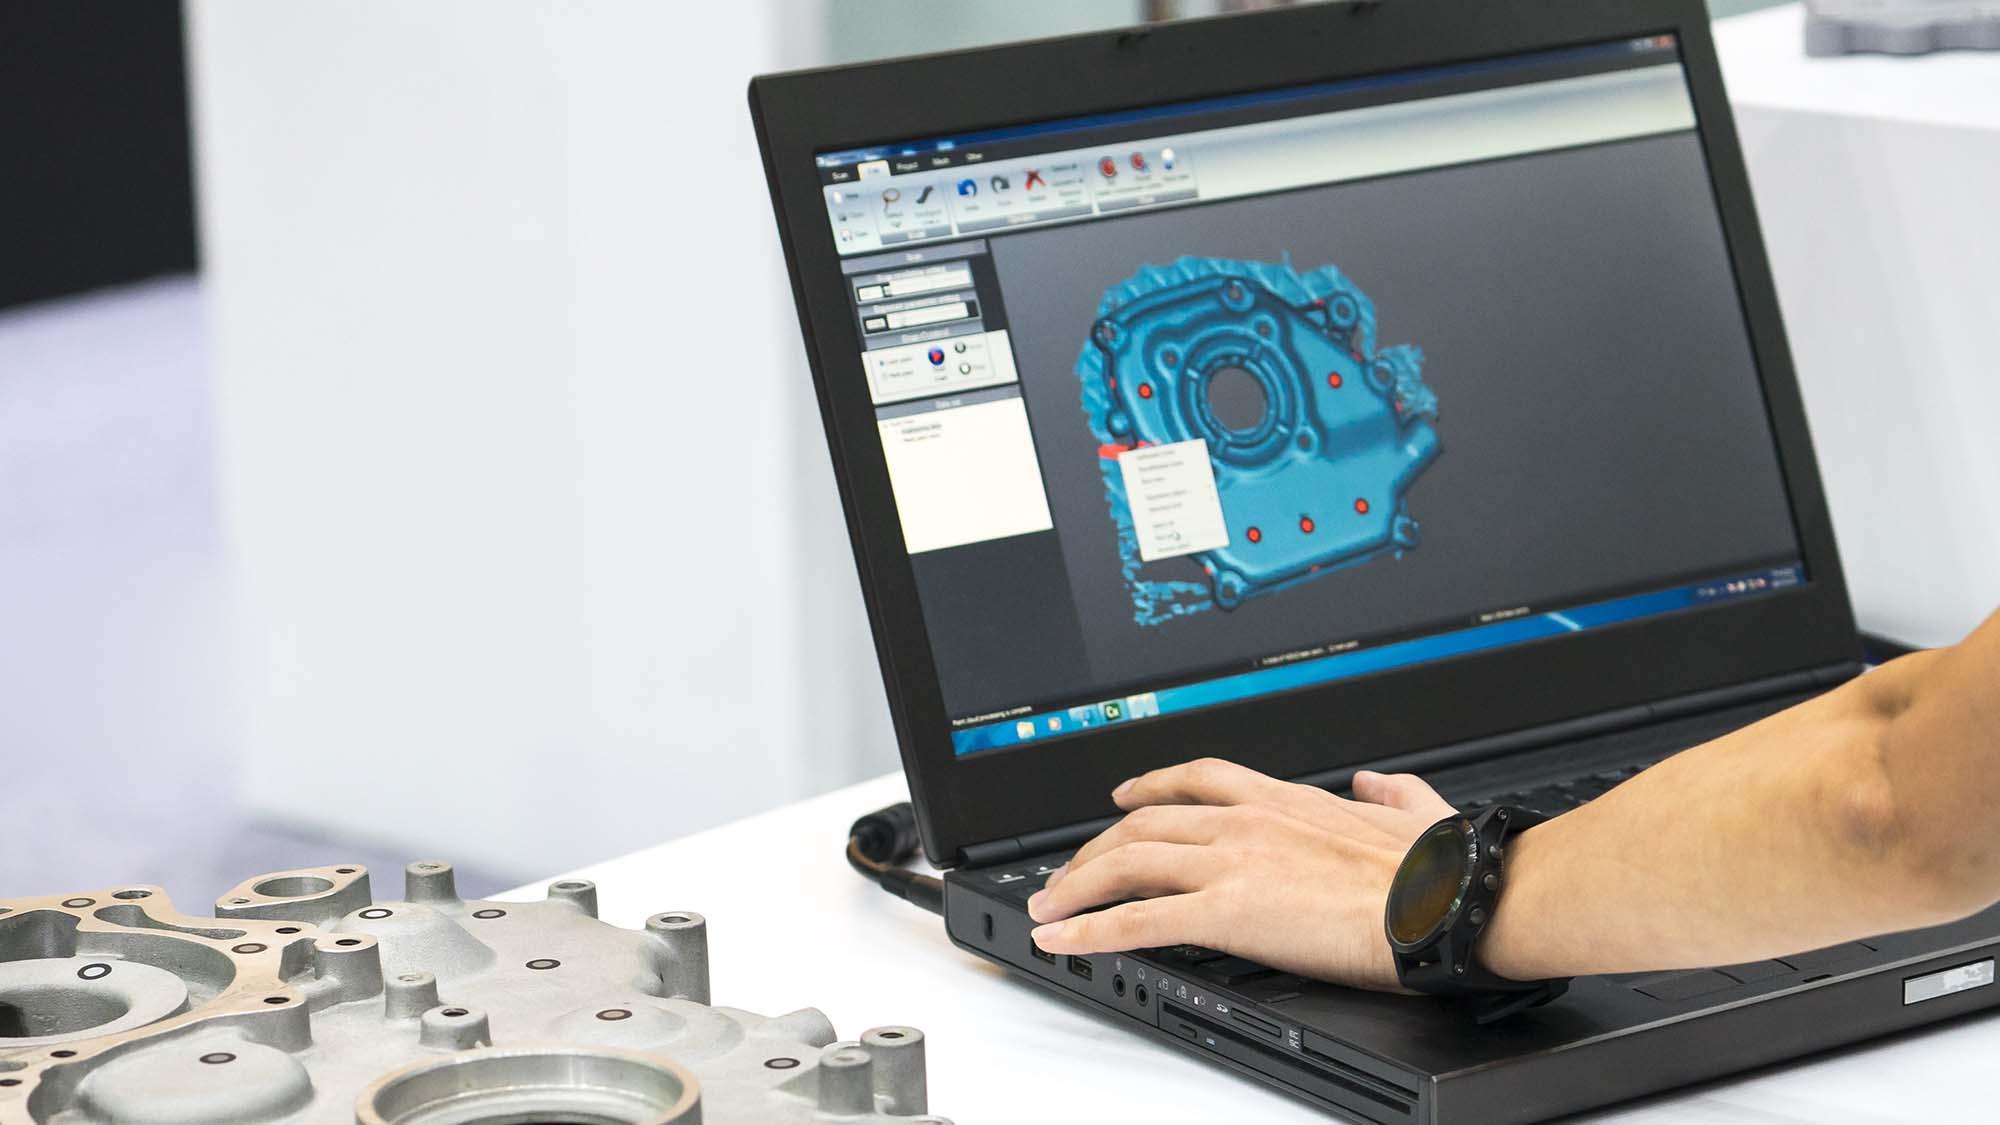 La imagen puede contener: Pc, Computadora, Electrónica, Laptop, Teclado de computadora, Hardware, Hardware de computadora, Teclado, Persona, Reloj de pulsera, Pantalla LCD, Pantalla, Monitor, Seguridad, Máquina, Tableta, Escritorio, Ratón, Videojuegos, Computadora de superficie, Rueda, Proyector, Habló, CPU, Chip electrónico, Cámara web, Cámara, Estéreo, Servidor, Hub, Disco duro, Disco, Adaptador, Red, Reproductor de cinta, Palanca de mando, Osciloscopio, Freno, Tarjeta de crédito, DVD, Calculadora, Cableado, Super Mario, Portátil Computadora, Engranaje, Motor, Blindado, Guitarra Eléctrica, Volante, Encendedor.